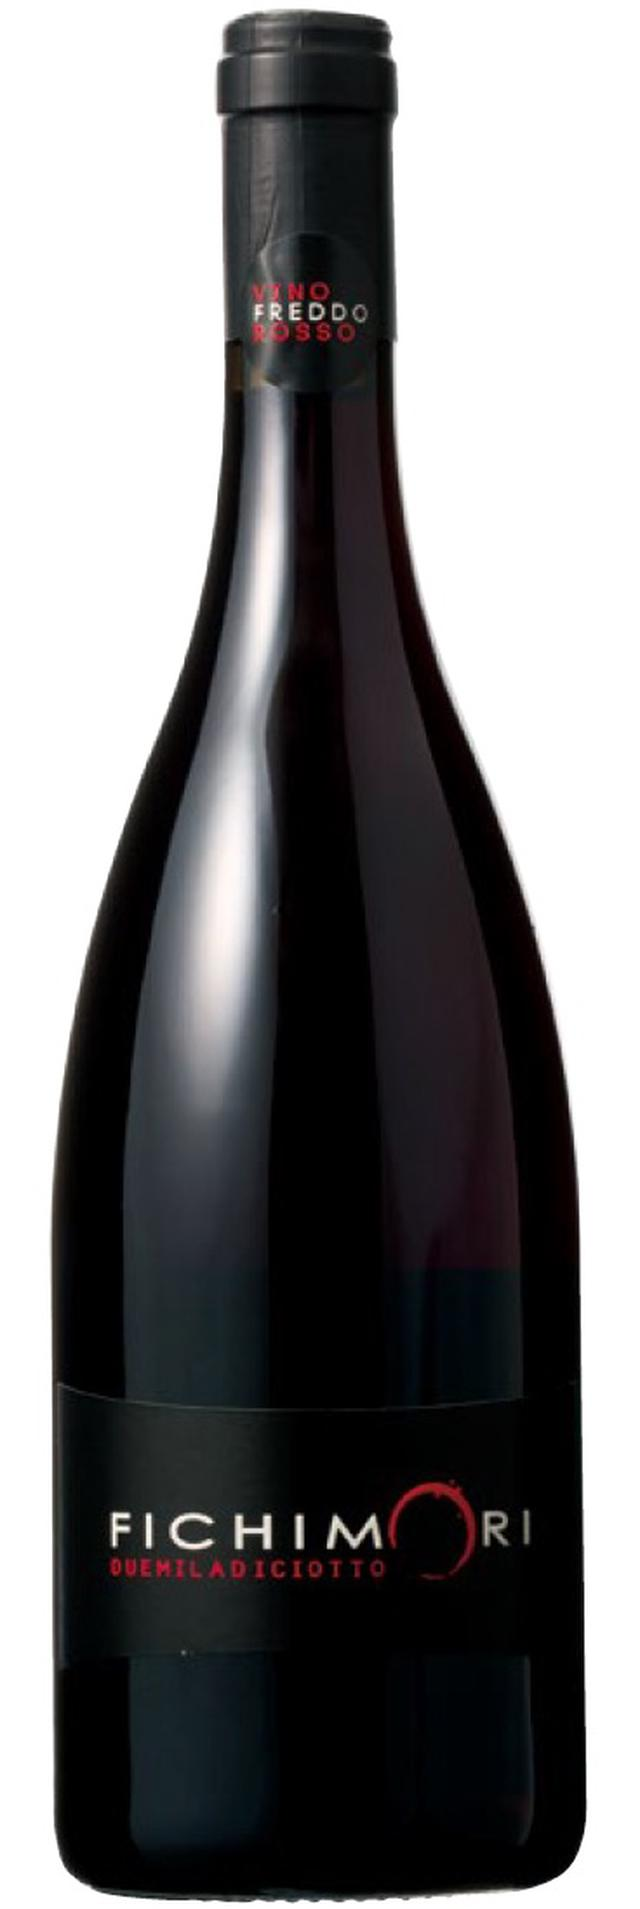 画像6: ワイン王国 2019年9月号/No.112 お勧め5ツ星の買える店(1000円台で見つけた冷やして美味しい赤ワイン)